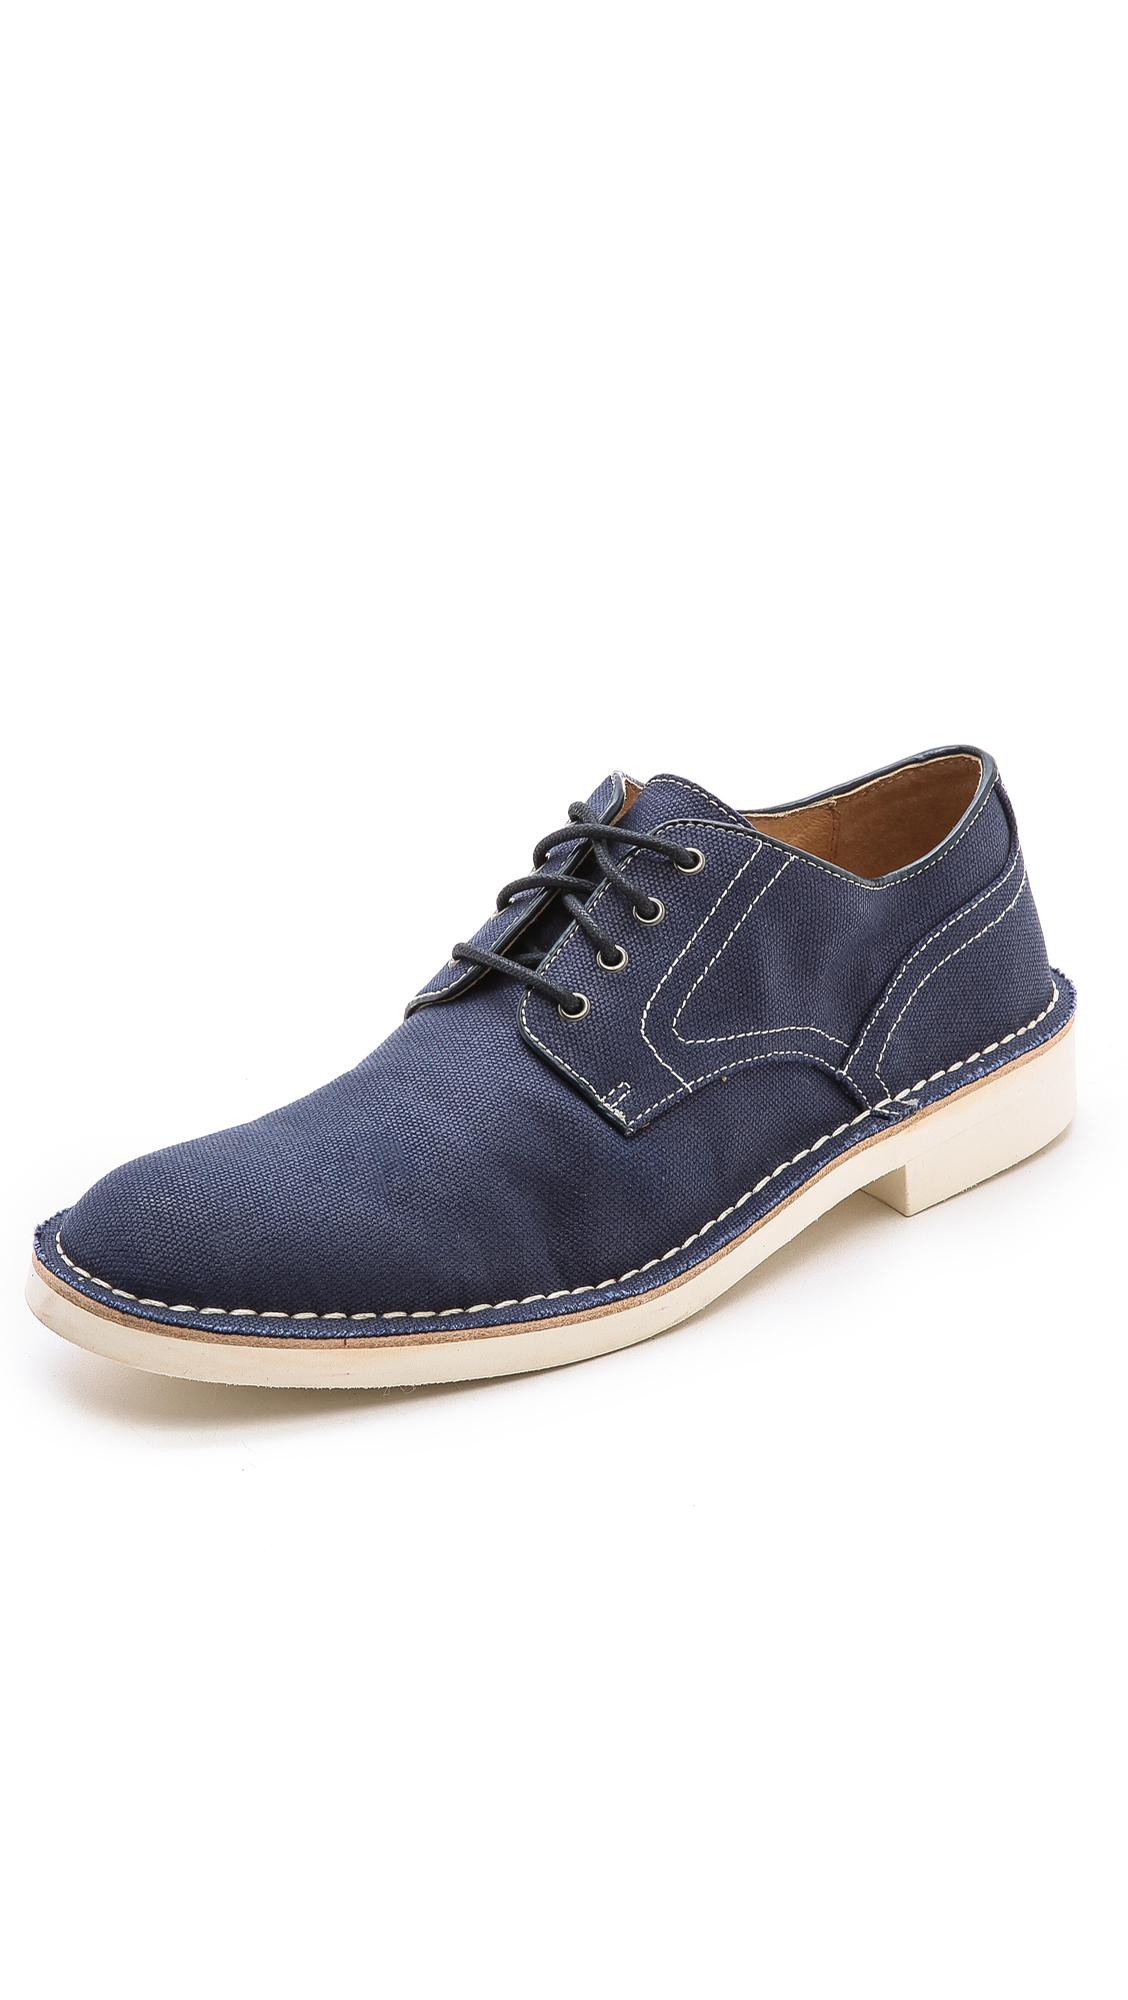 Derby Shoes Australia